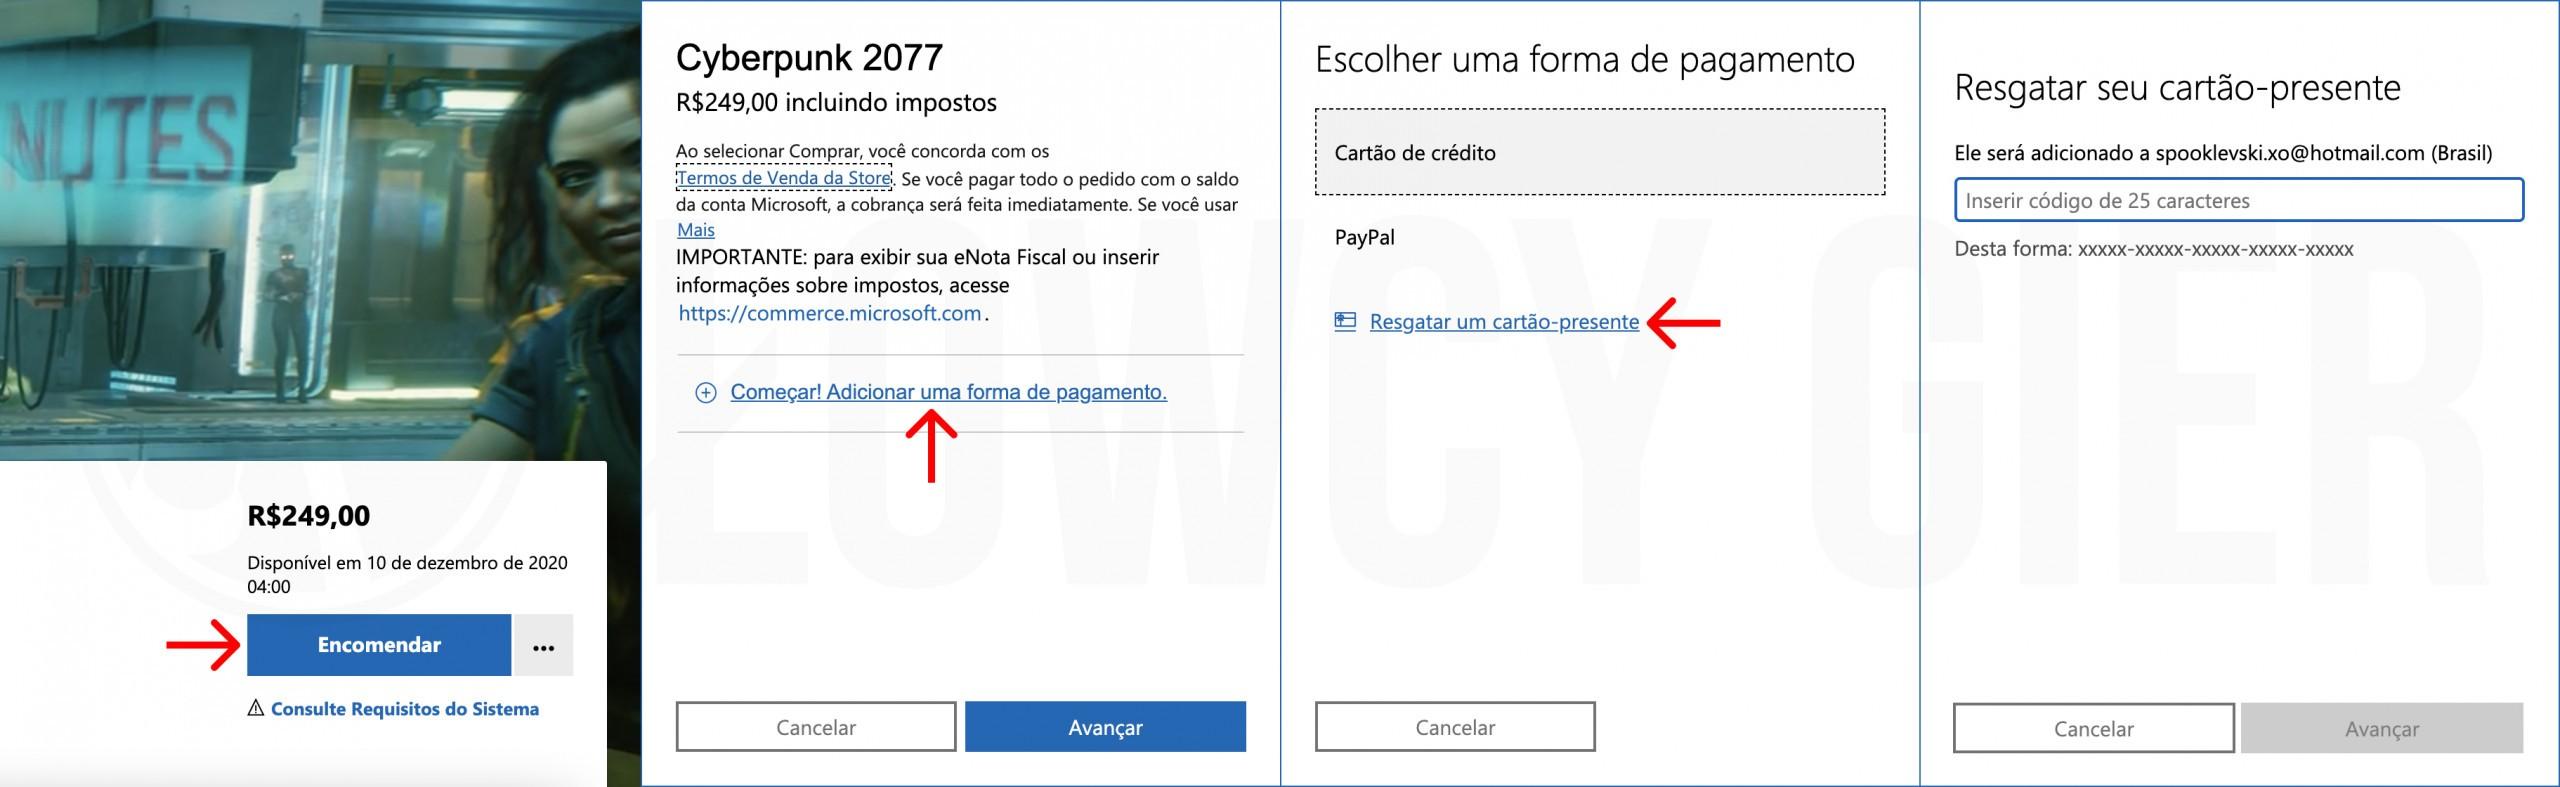 Zakup Cyberpunk 2077 w brazylijskim MS Store